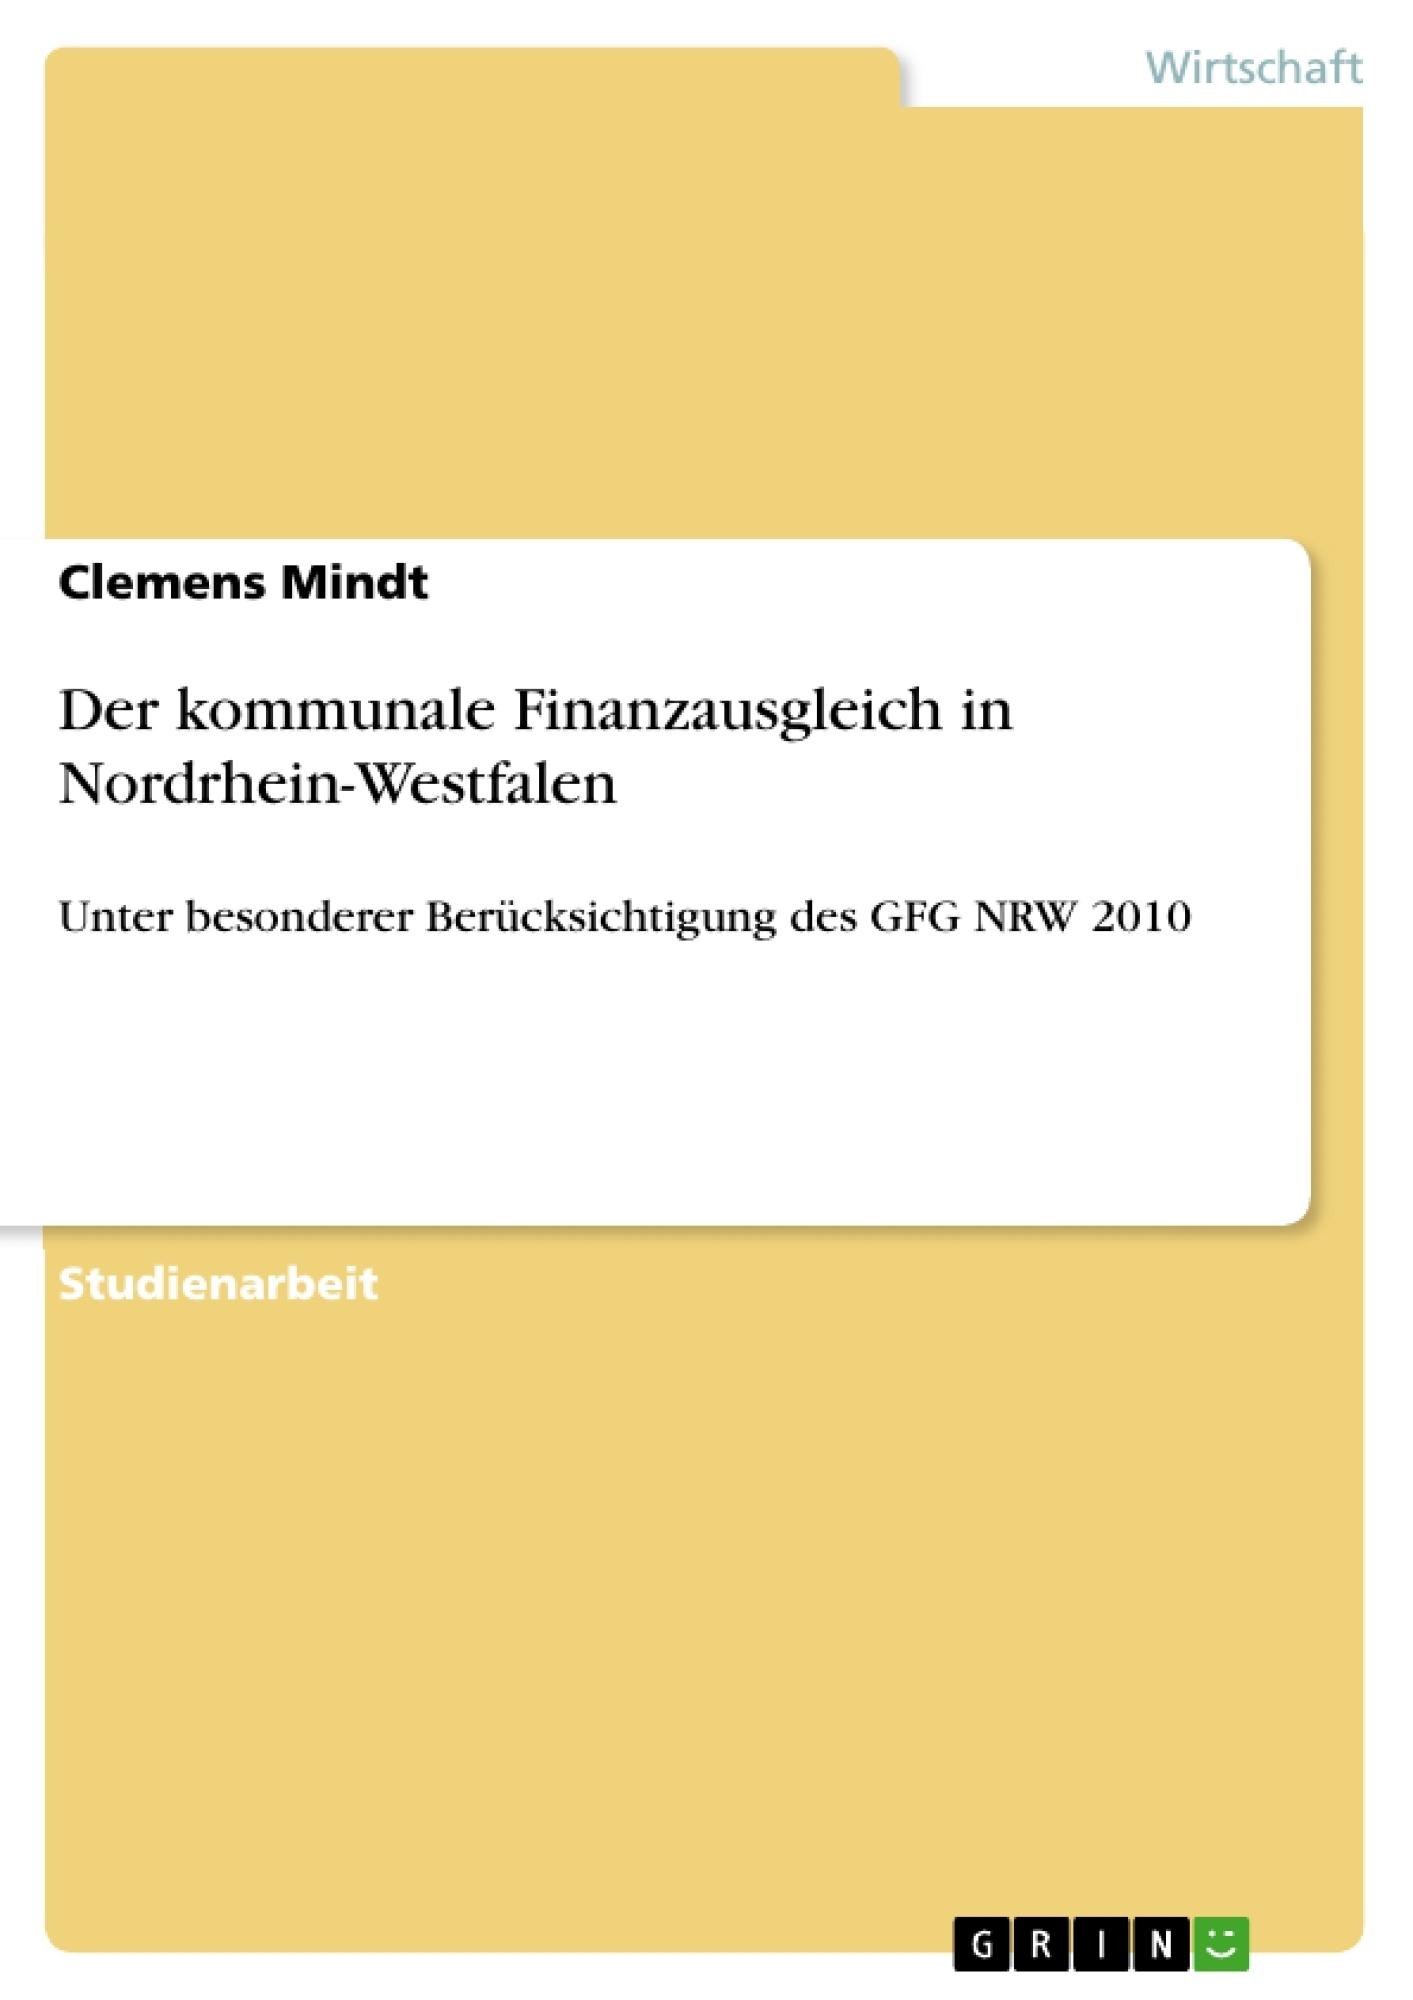 Titel: Der kommunale Finanzausgleich in Nordrhein-Westfalen